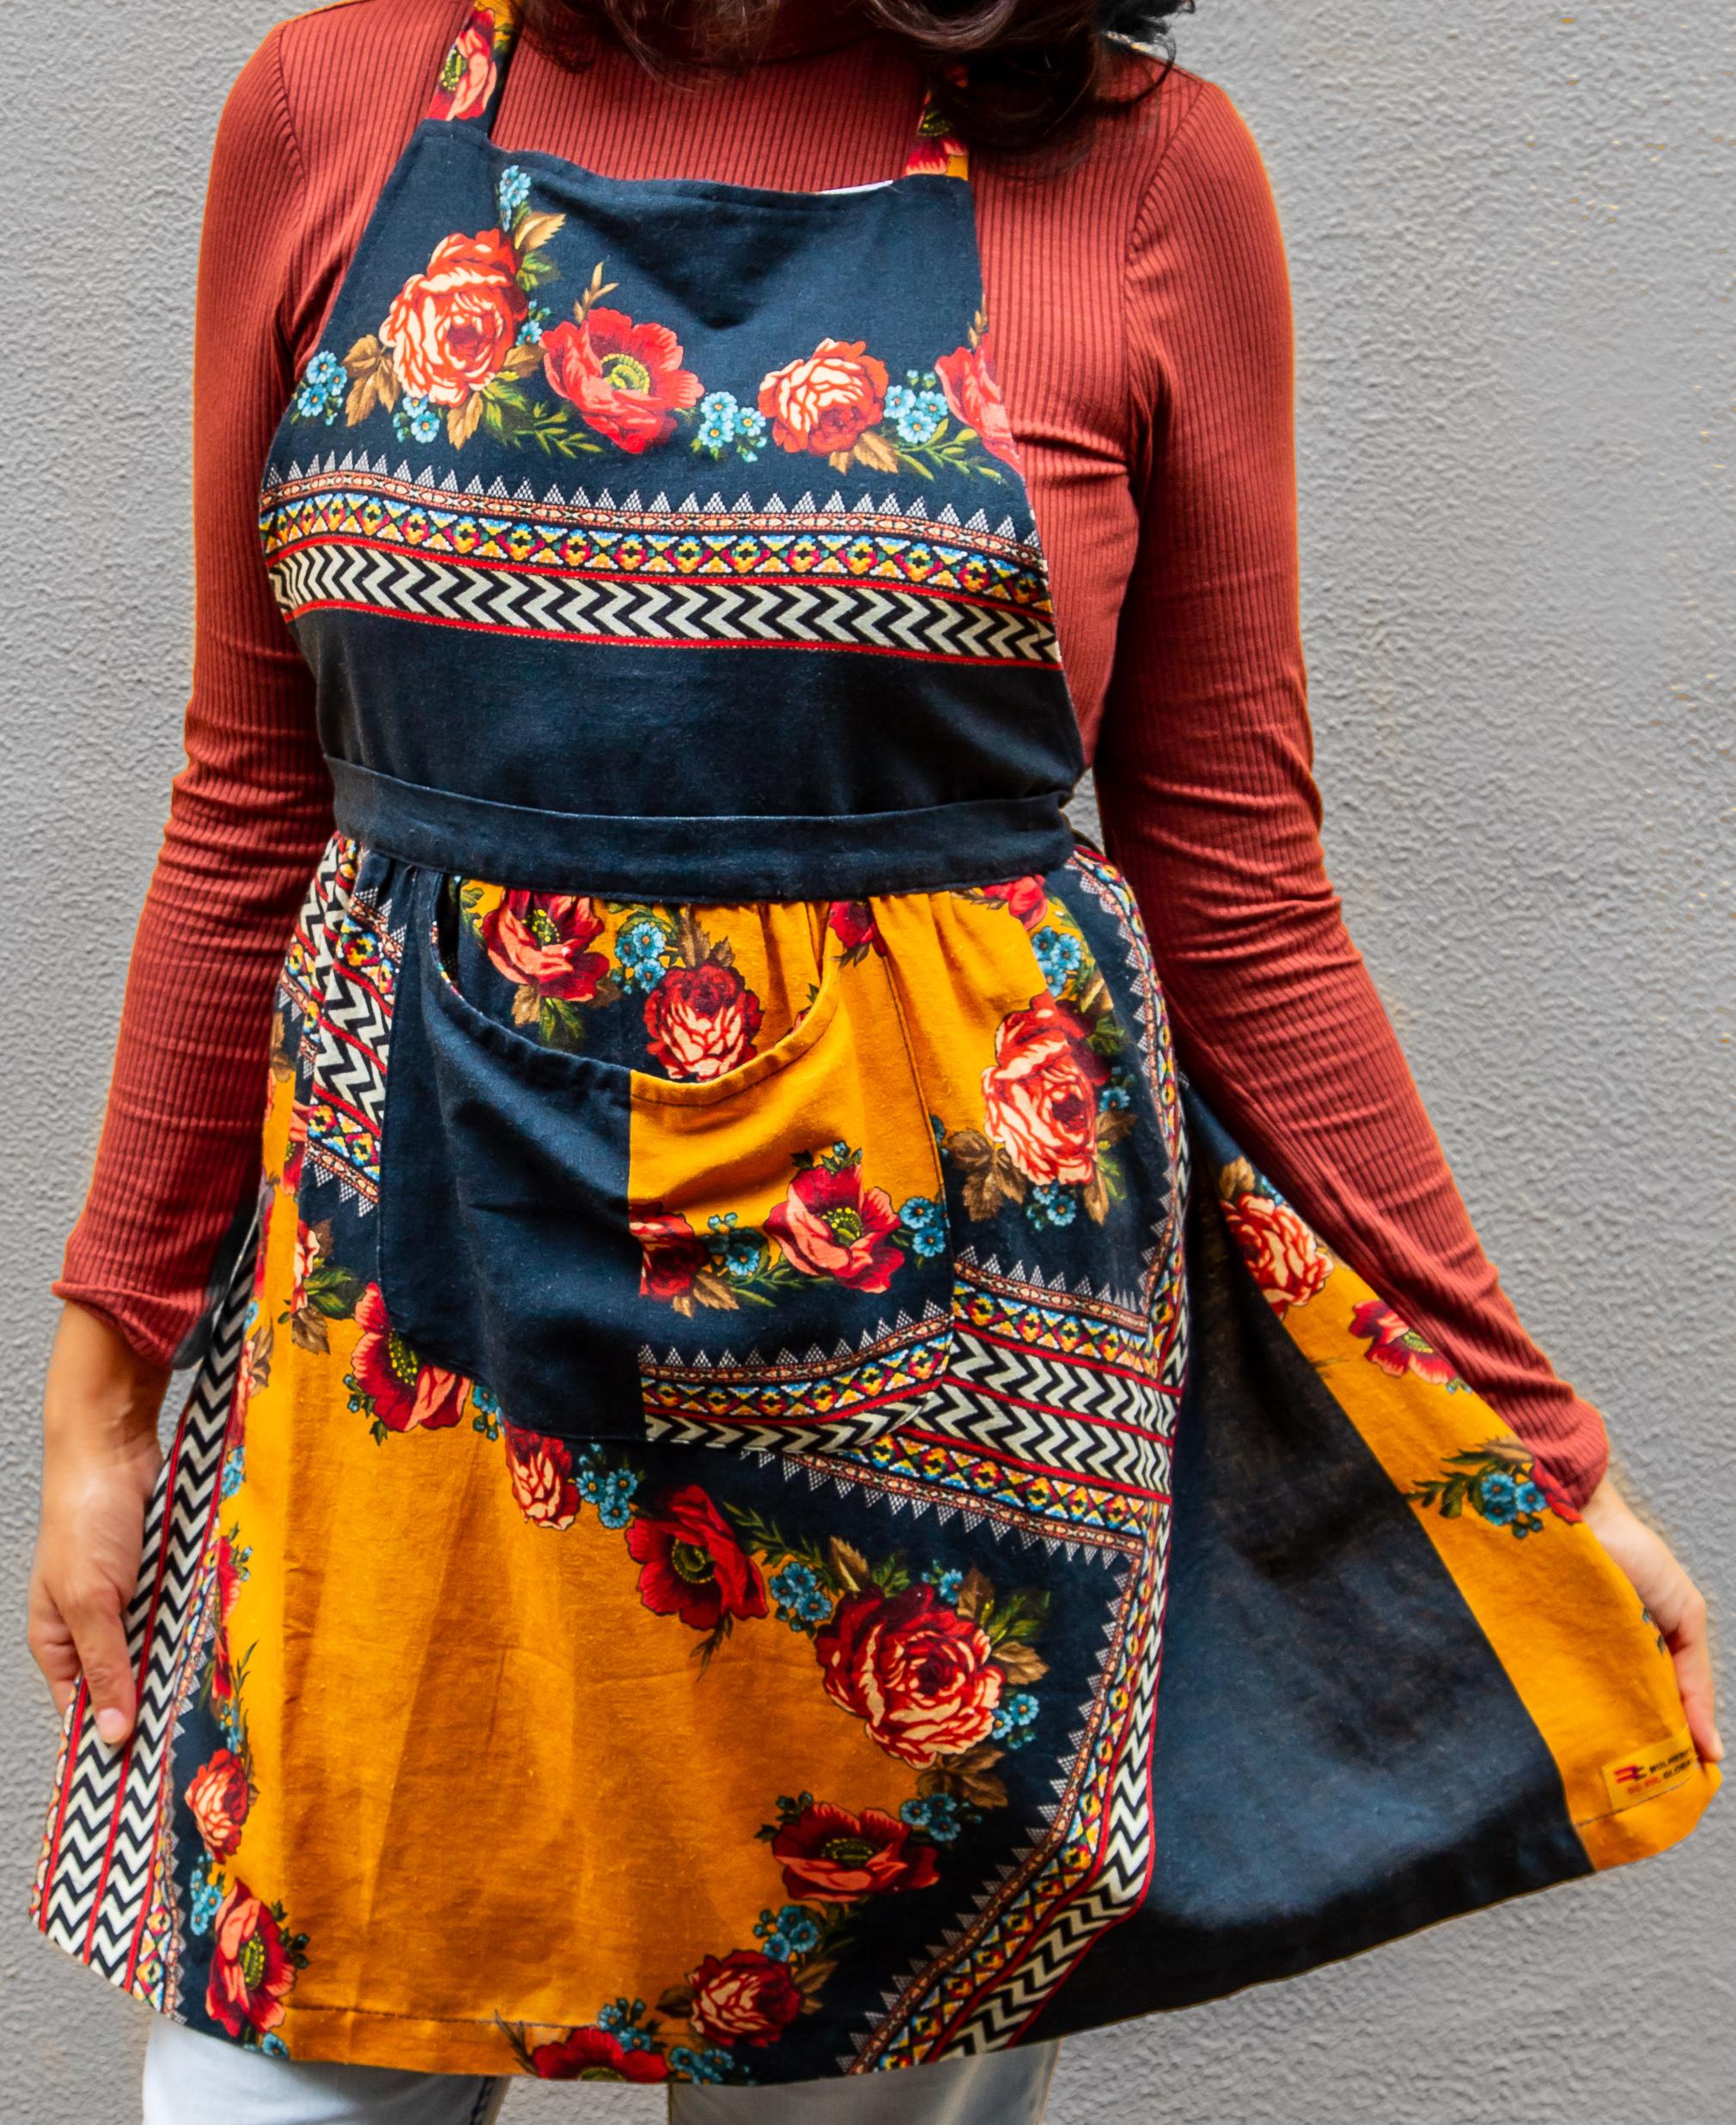 1_avental-vestido-estampa-Yara.jpg